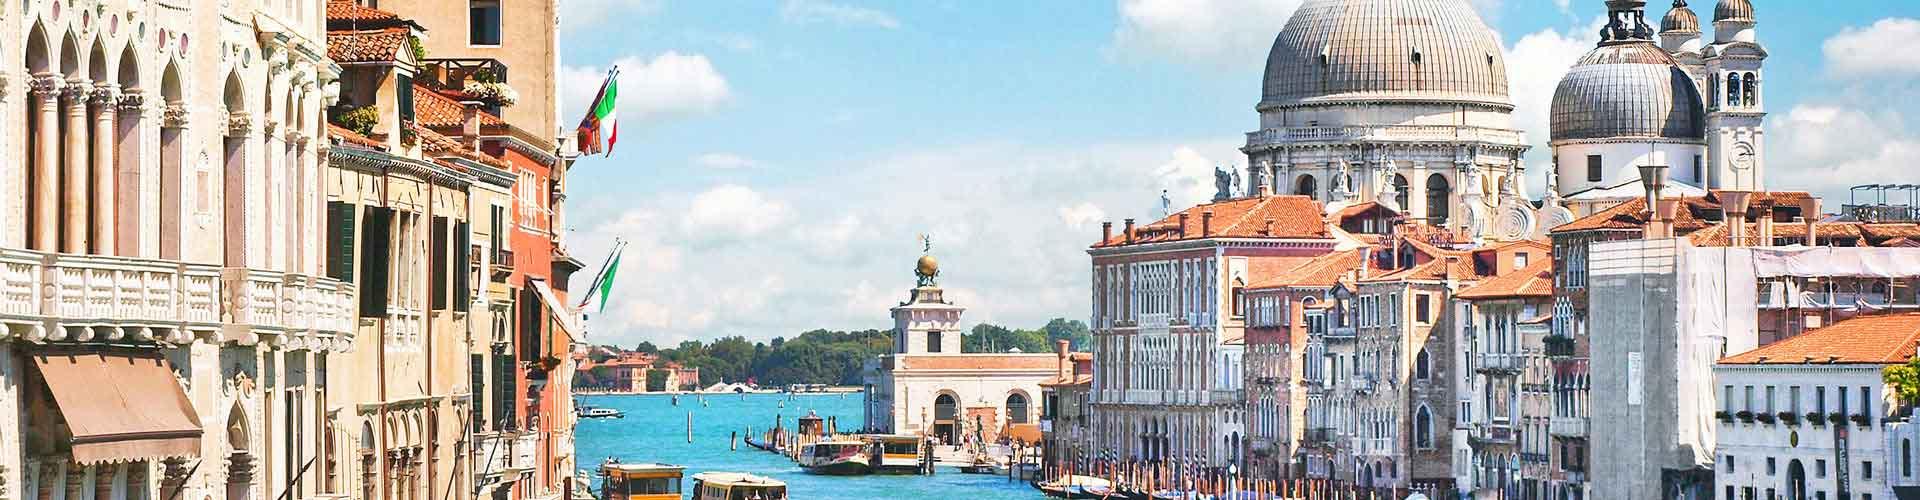 Veneza – Albergues no bairro de Bairro São Marco, Castello, S. Elena, Cannaregio . Mapas para Veneza, Fotos e Avaliações para cada Albergue em Veneza.